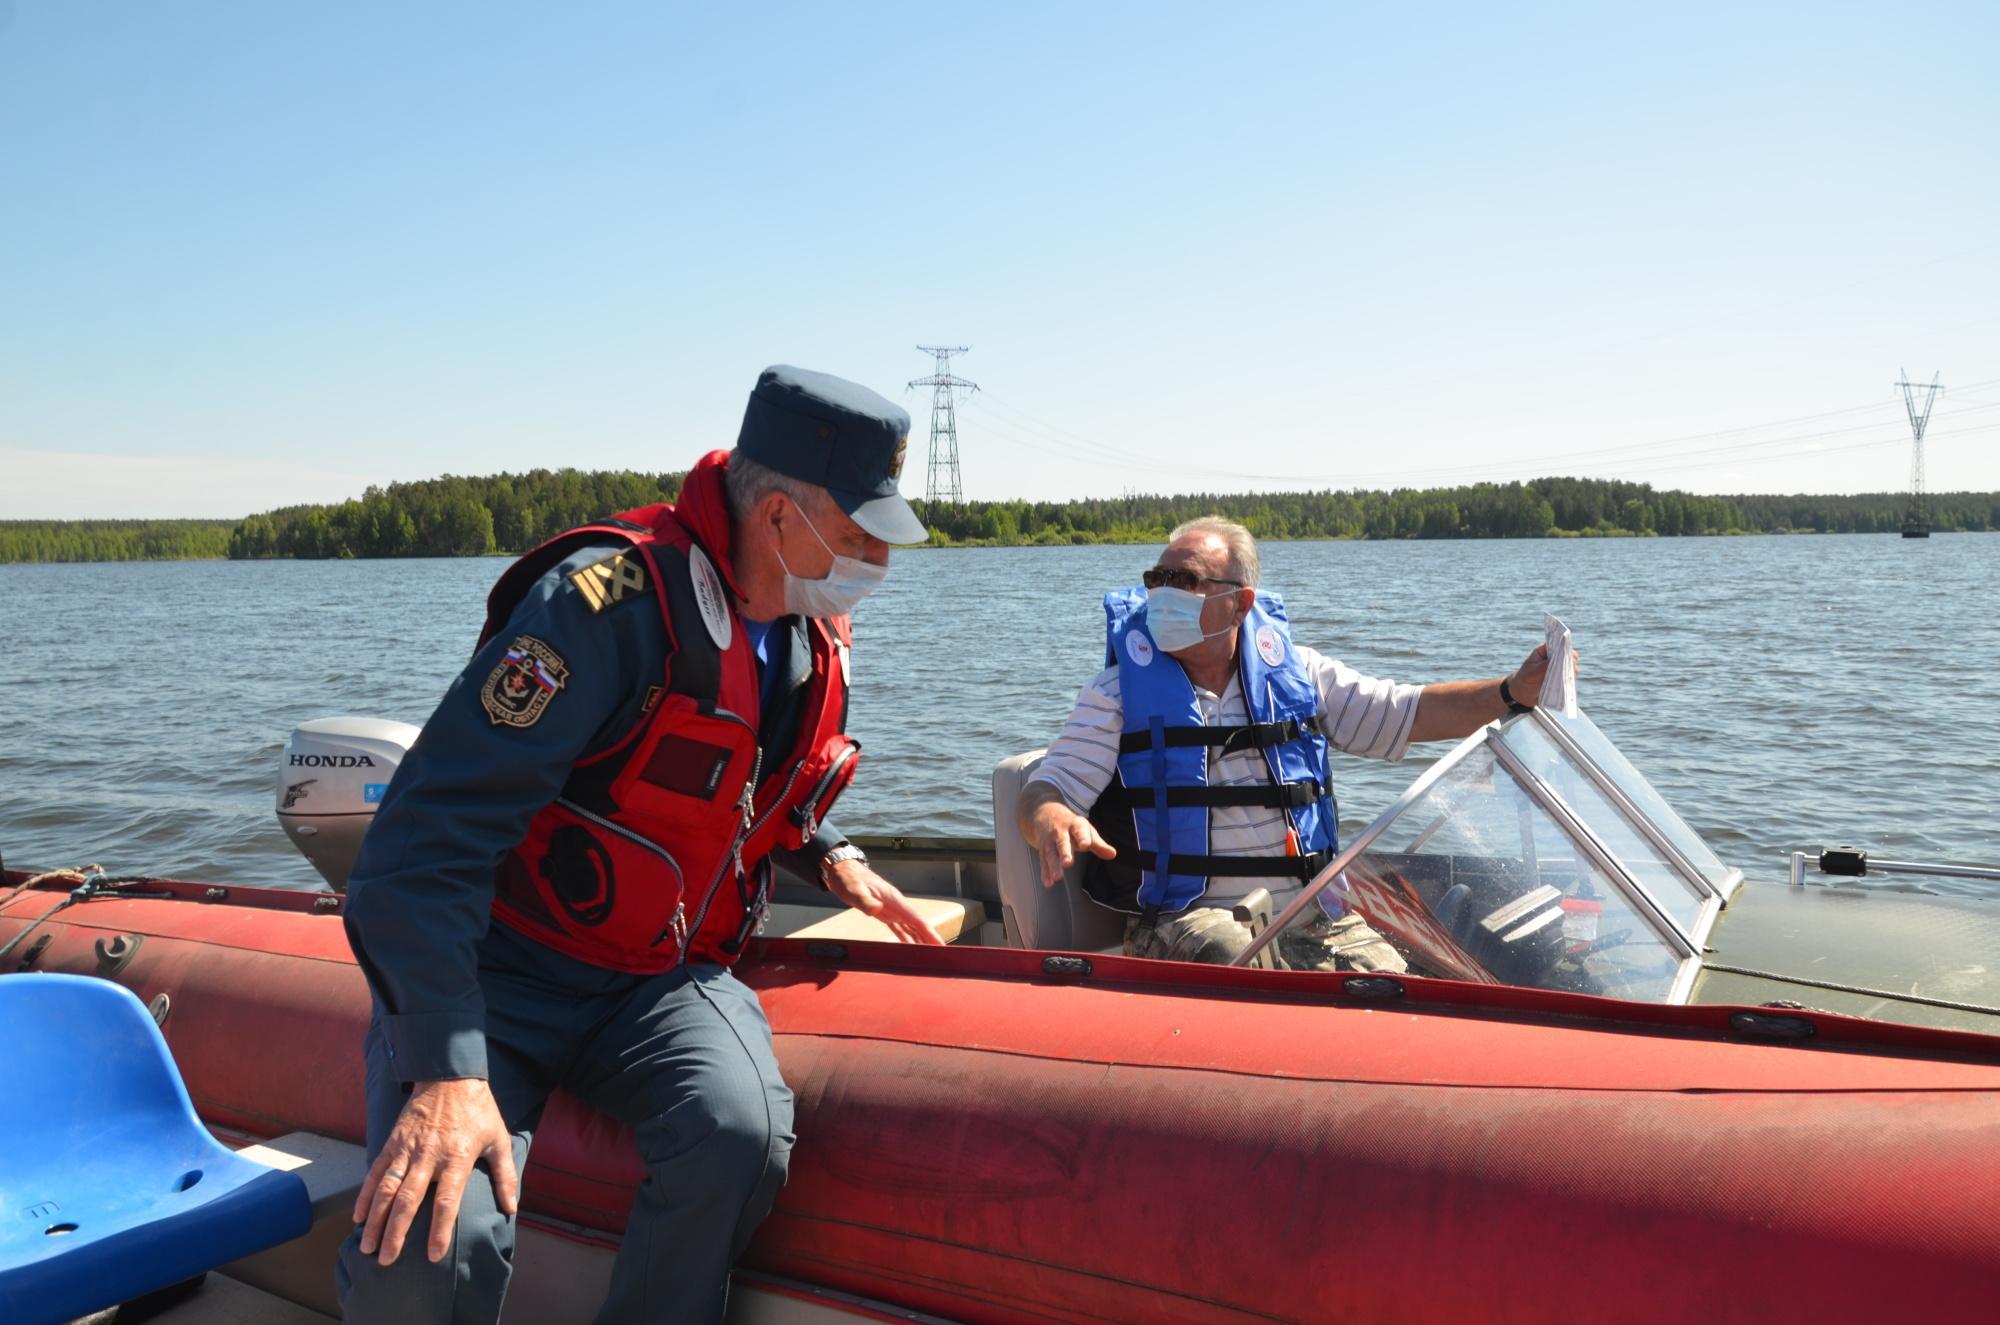 Осмотр лодки инспектором ГИМС